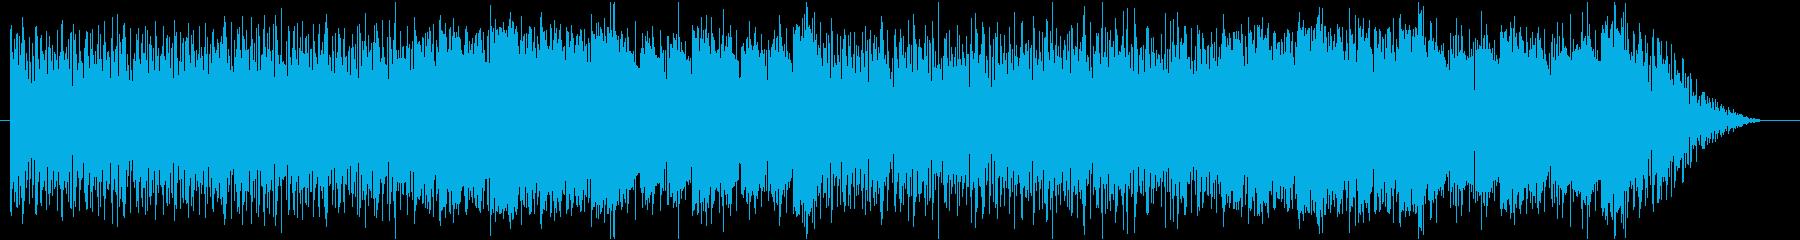 ゲーム・フィールド系モノのループ曲5の再生済みの波形